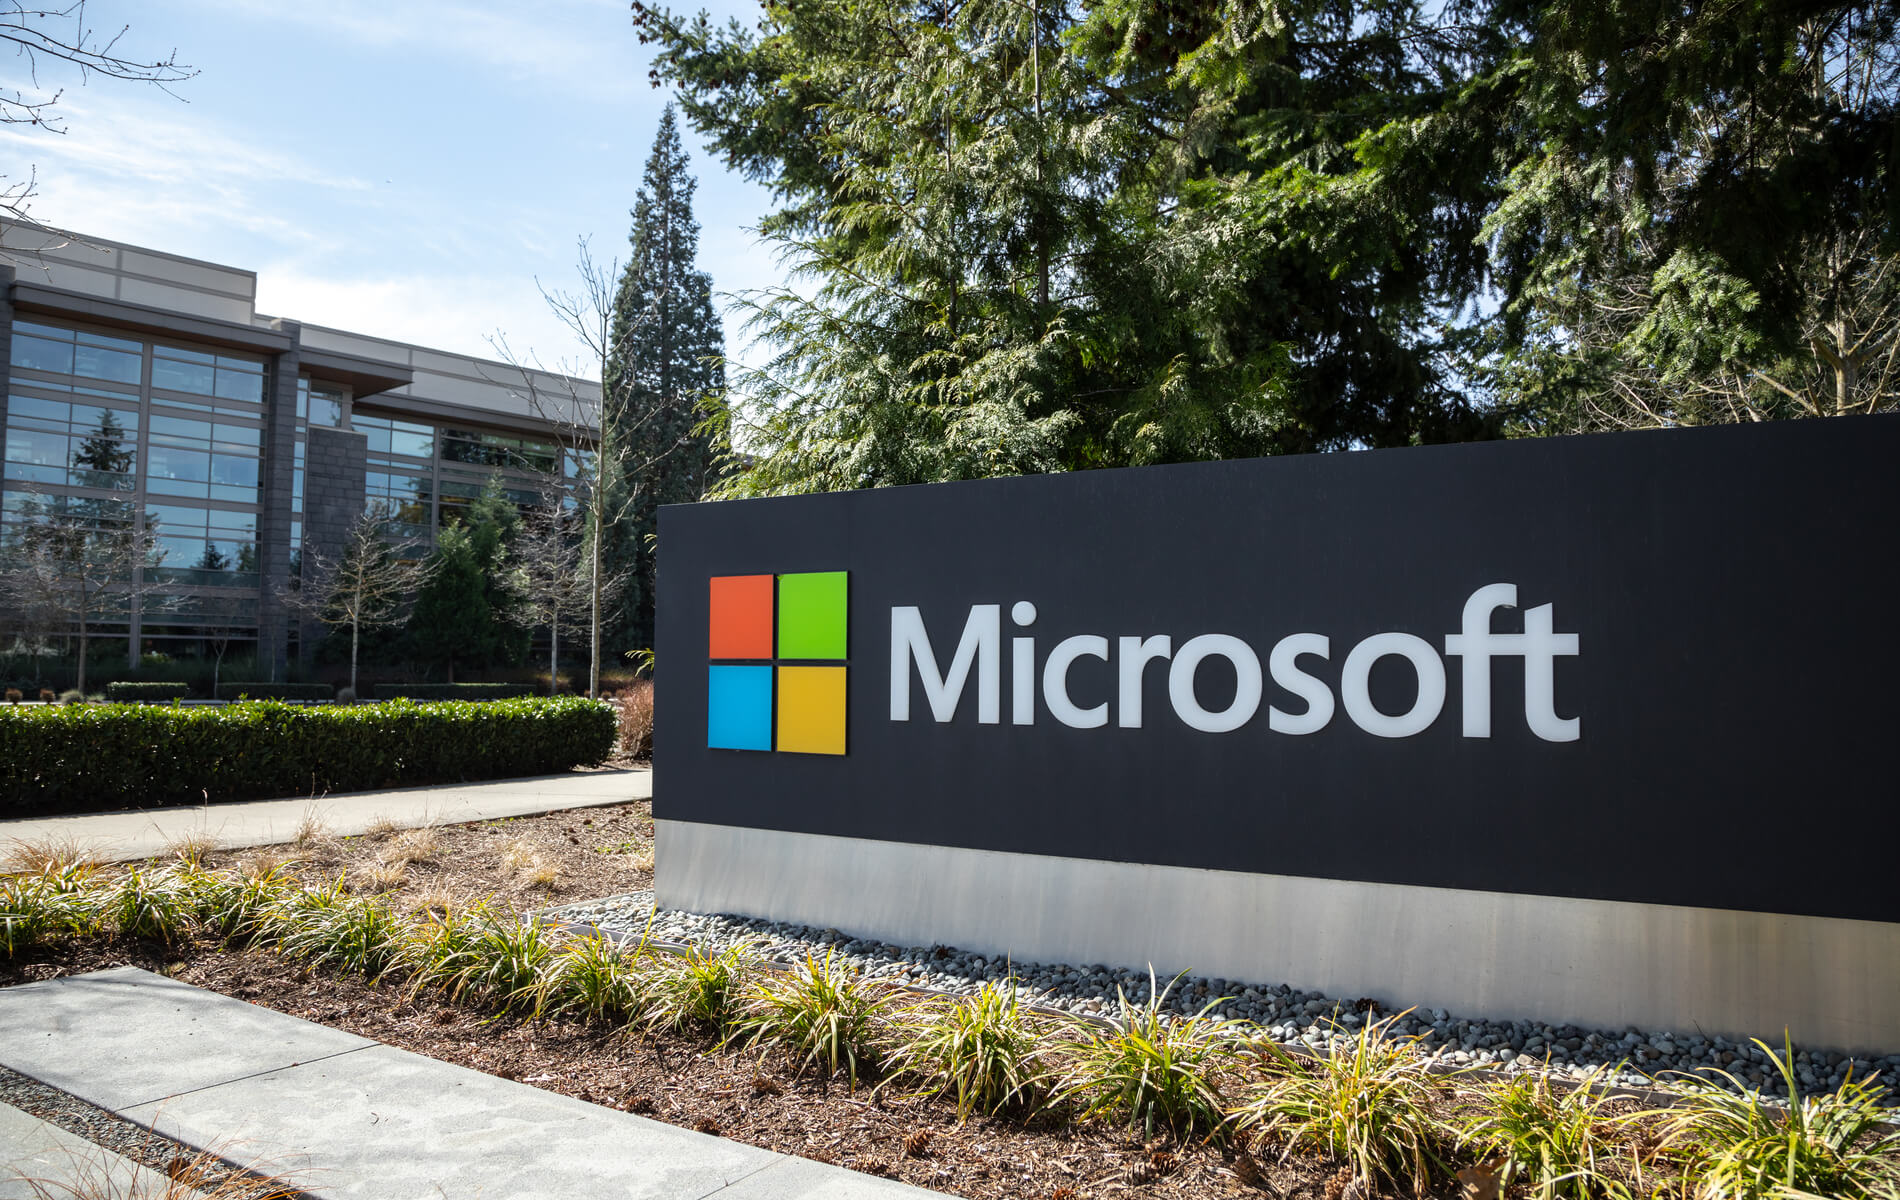 Microsoft Advertising expande el perfil de LinkedIn, el remarketing dinámico y la orientación a la audiencia en el mercado